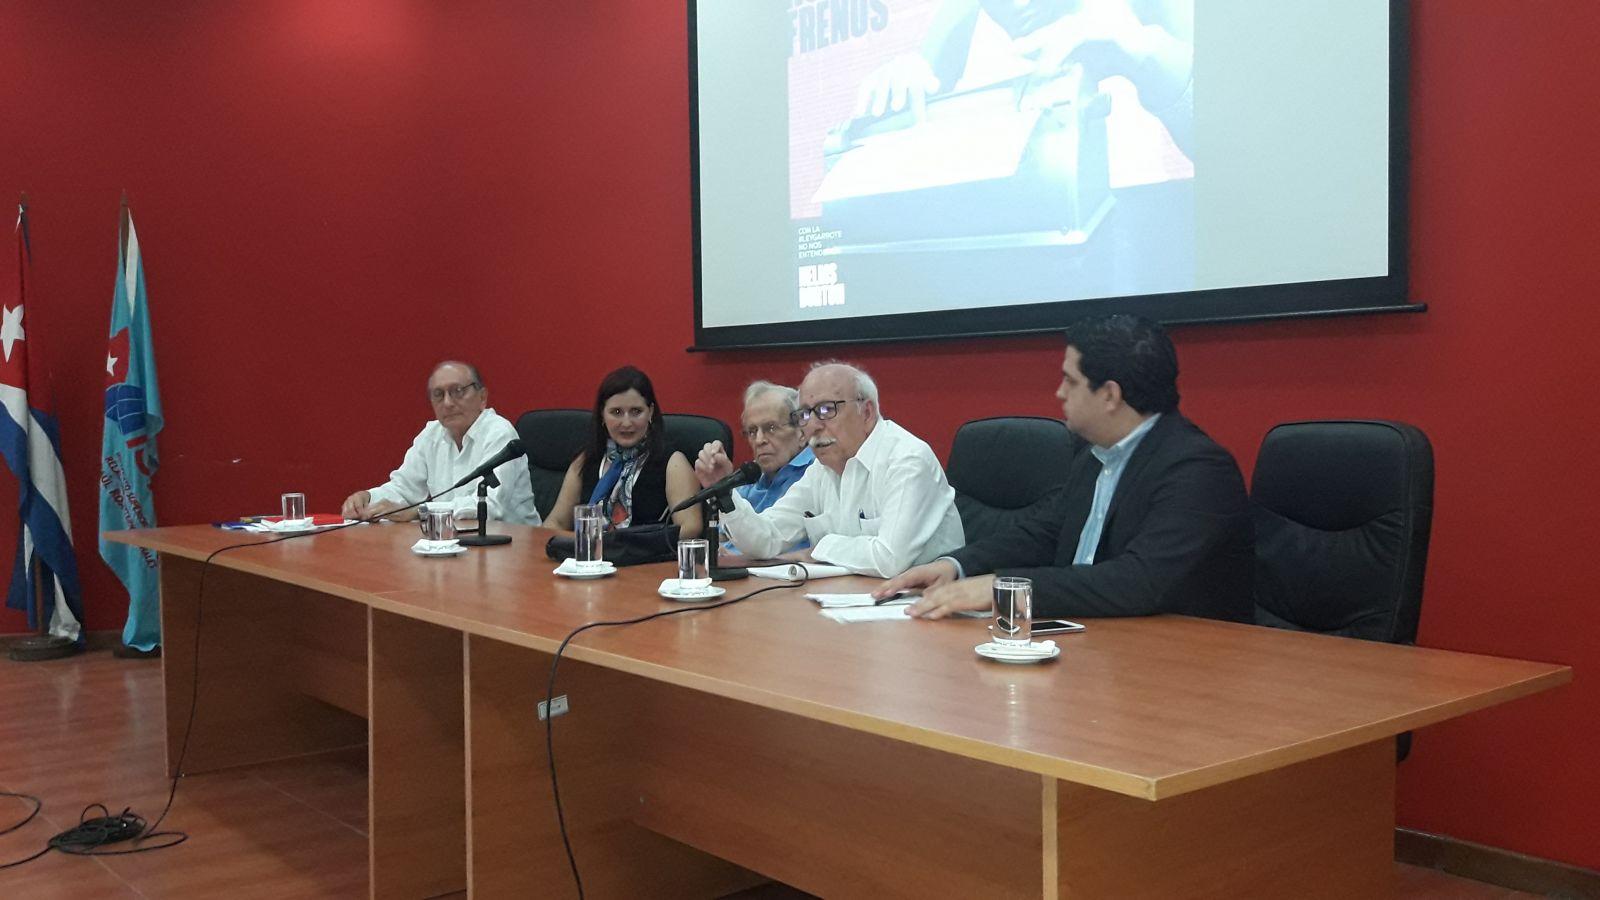 Sociedad Civil cubana rechaza la Ley Helms-Burton